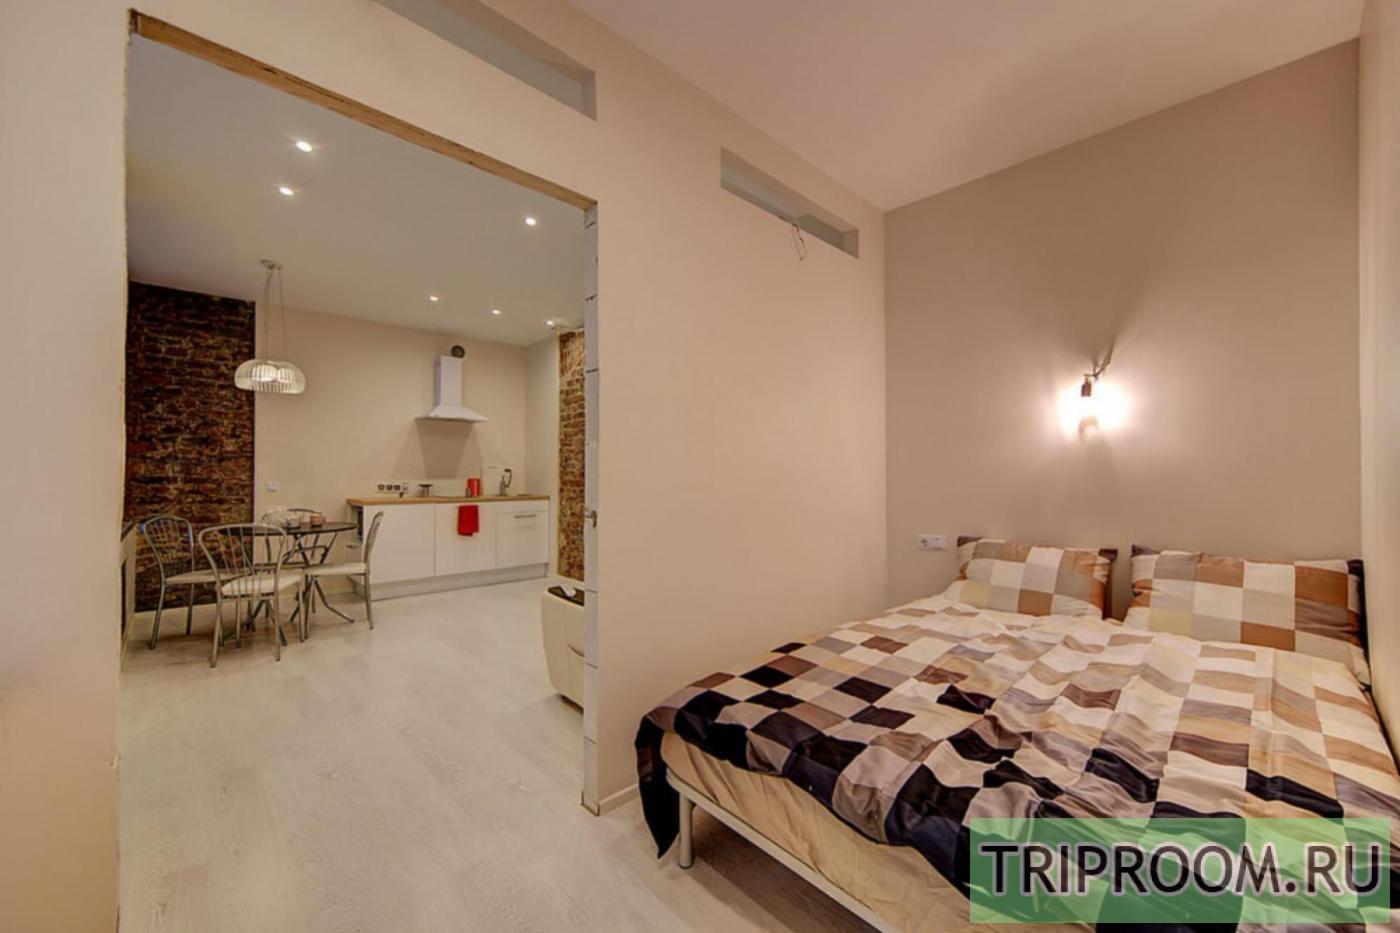 1-комнатная квартира посуточно (вариант № 33291), ул. Социалистическая ул, фото № 1